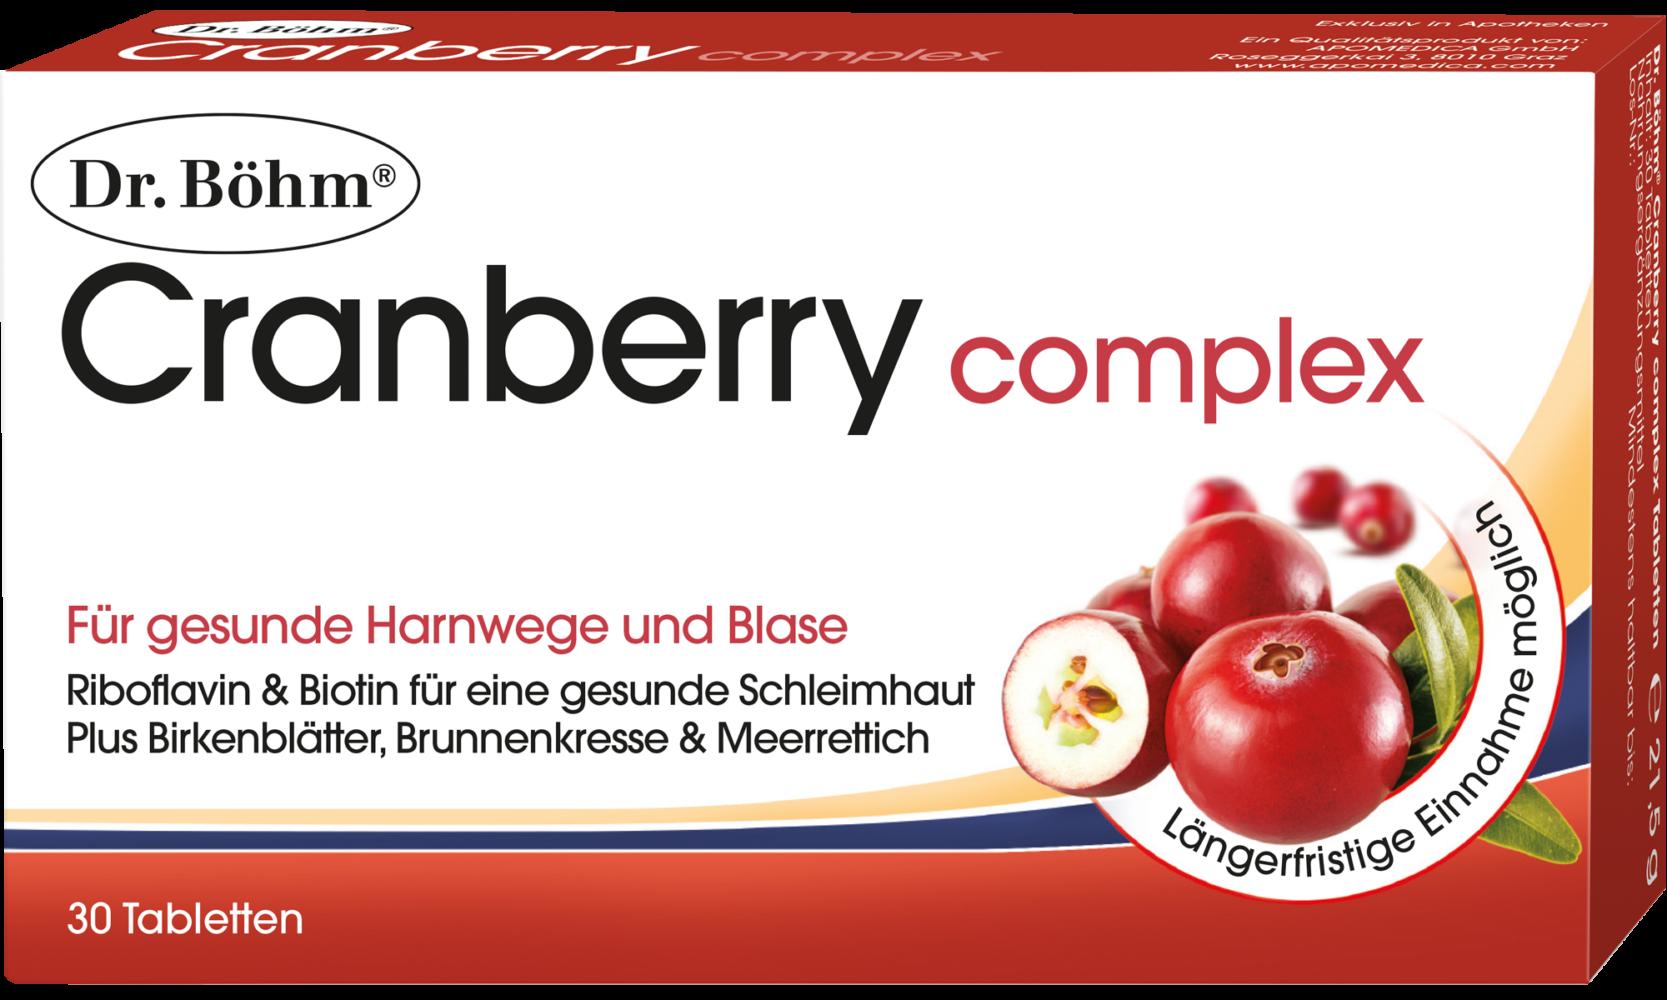 Dr. Böhm® Cranberry complex Tabletten